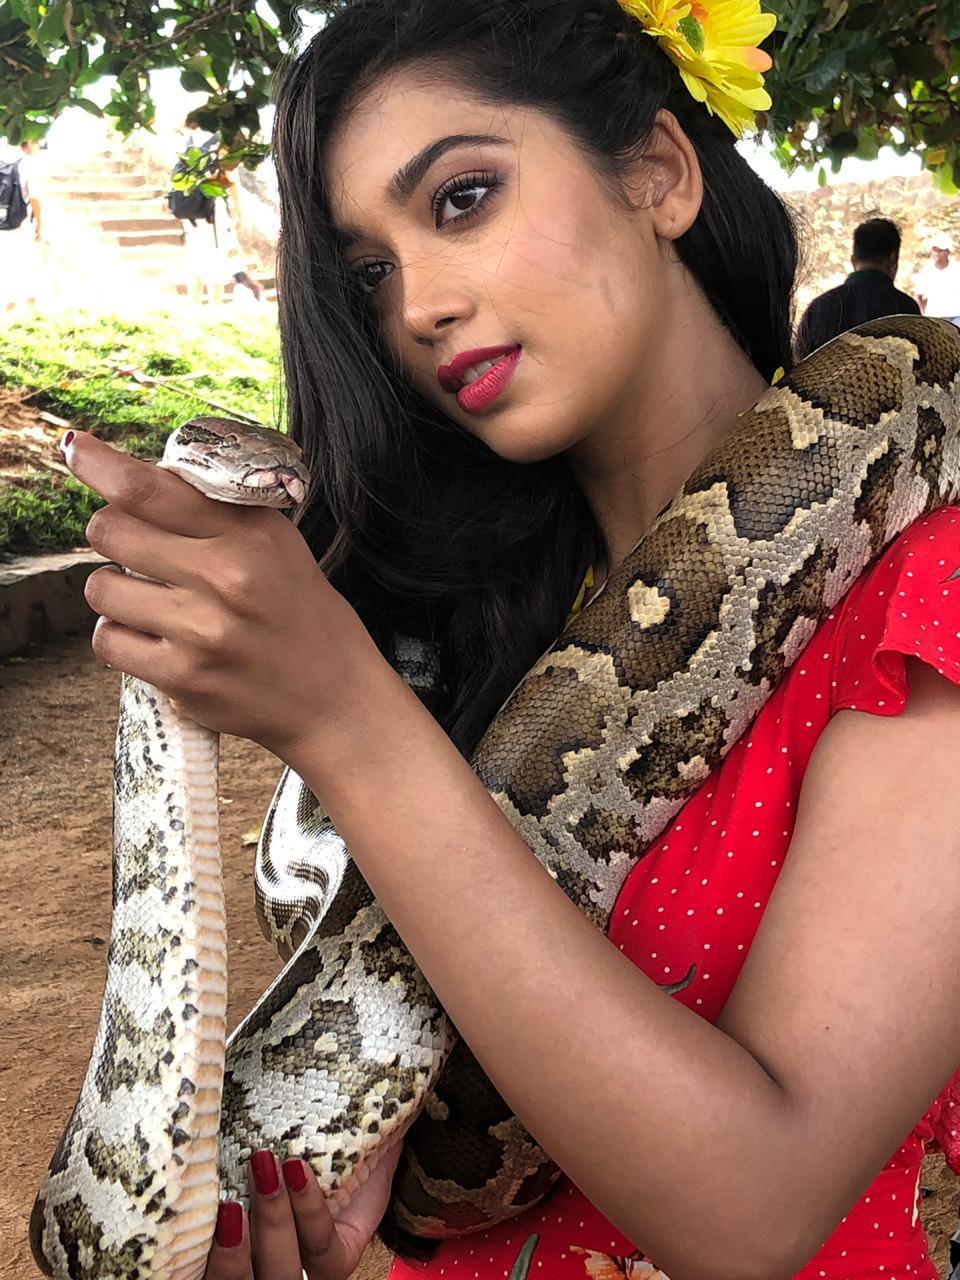 तुम्ही चालत असताना तुमच्या वाटेत साप किंवा तत्सम प्राणी येणं हे श्रीलंकेत खूप सामान्य मानलं जातं. अशातच एक गारुडी दिगांगनाच्या आगामी सिनेमाच्या हिप्पी सिनेमाच्या सेटवर पोहचला.